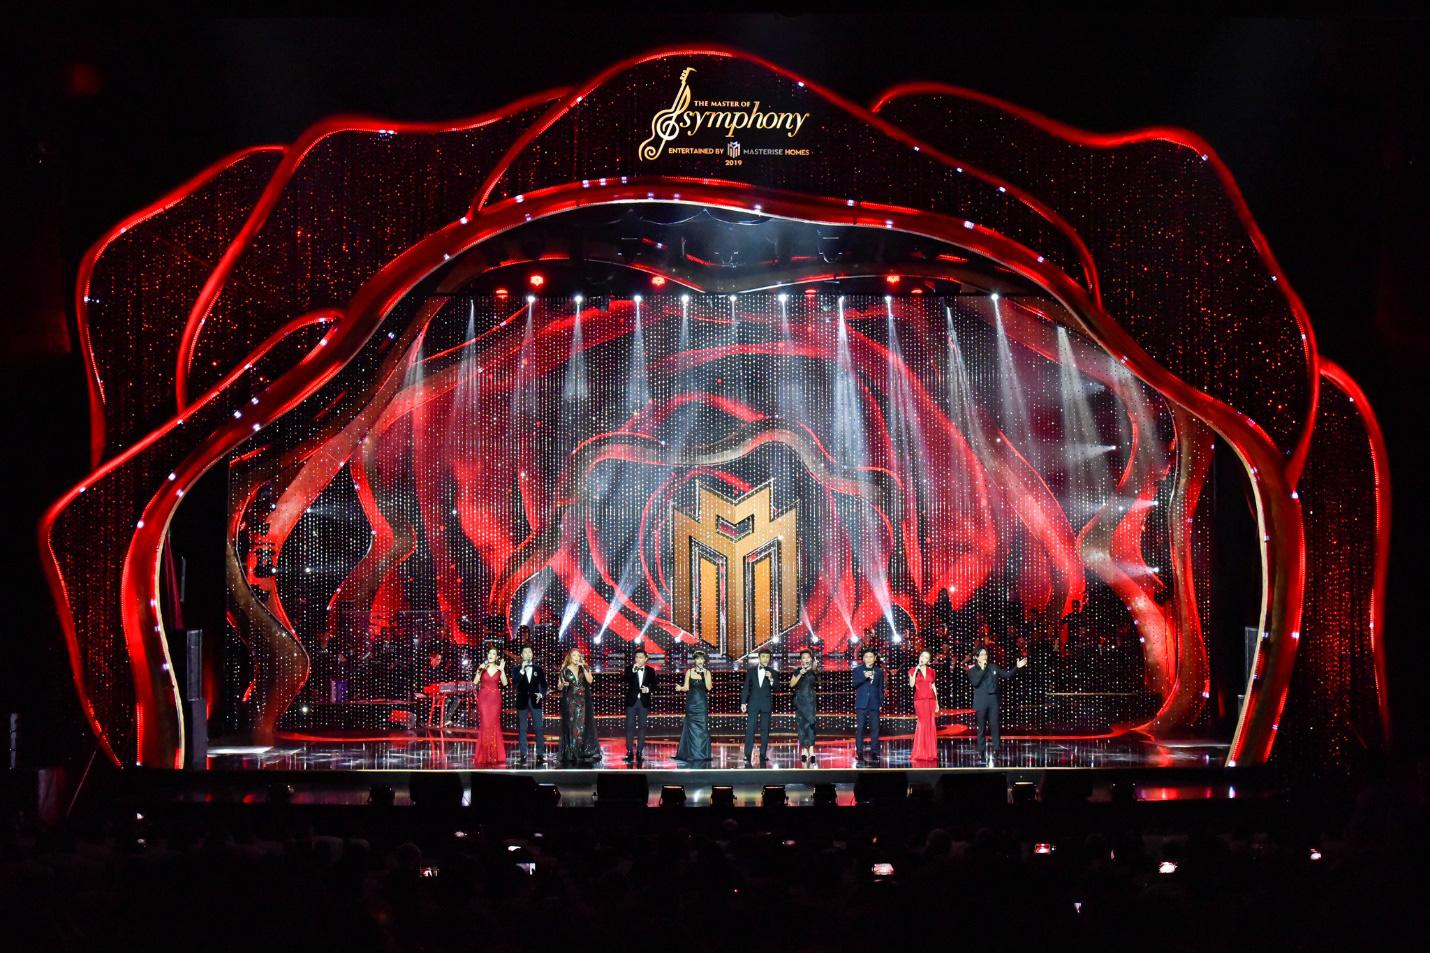 The Master Of Symphony 2019 chinh phục khán giả với các tiết mục trình diễn đỉnh cao và ấn tượng - Ảnh 1.